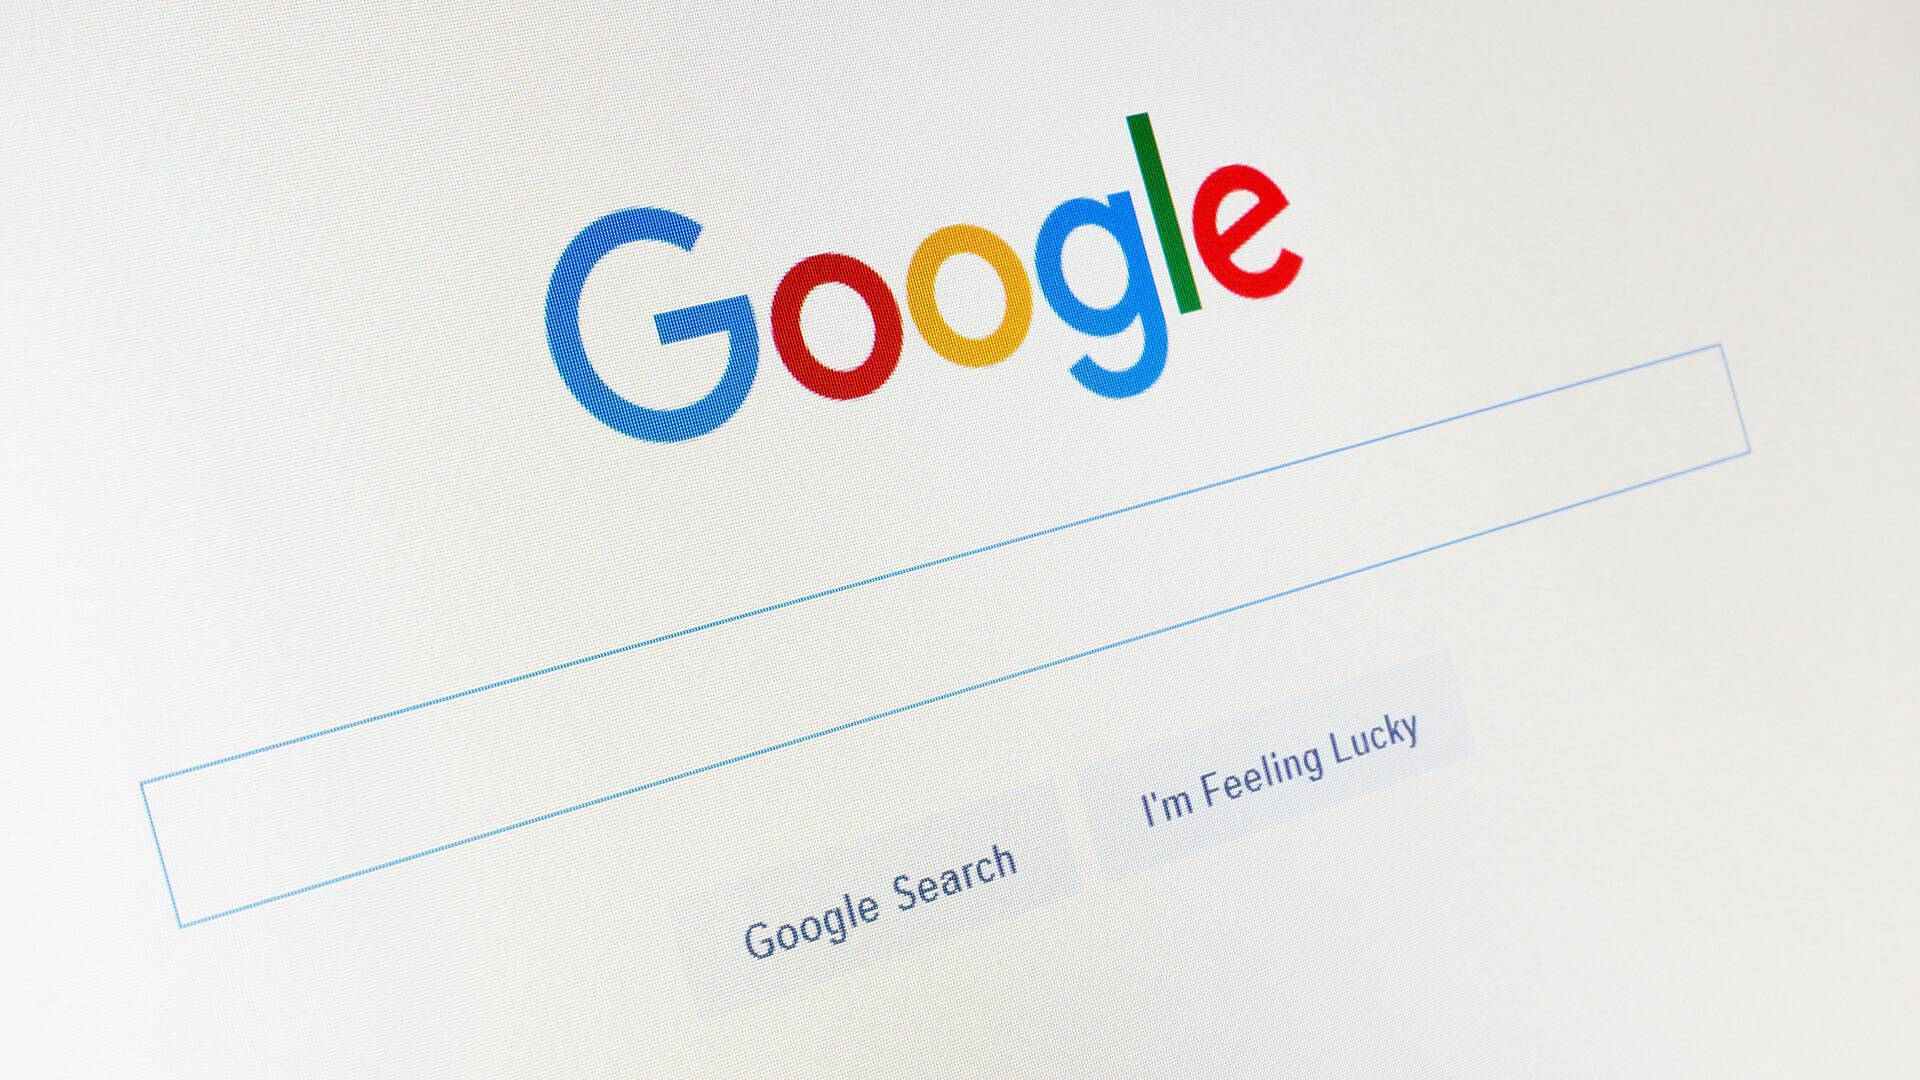 Почему сайты-нарушители имеют хорошие позиции в выдаче: сотрудник Google рассказал о причинах